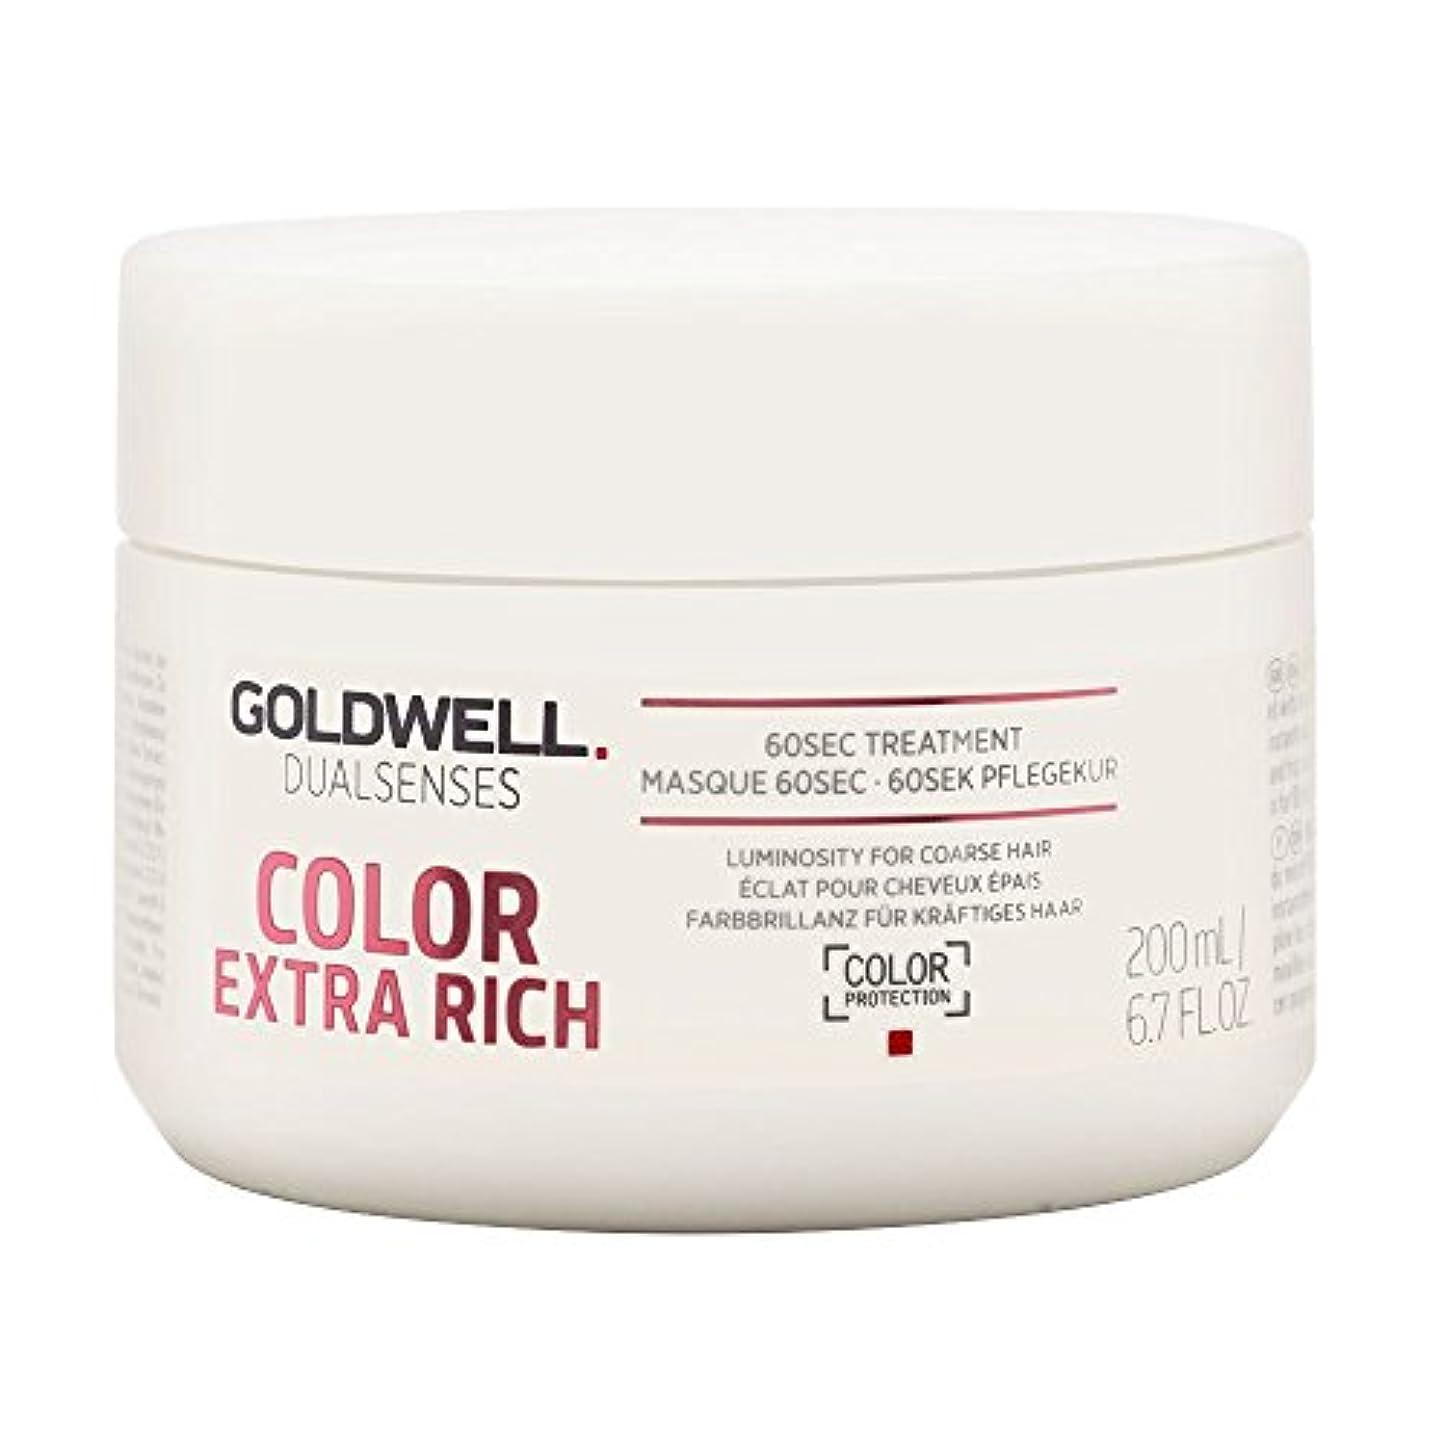 読む移住する裸ゴールドウェル Dual Senses Color Extra Rich 60Sec Treatment (Luminosity For Coarse Hair) 200ml